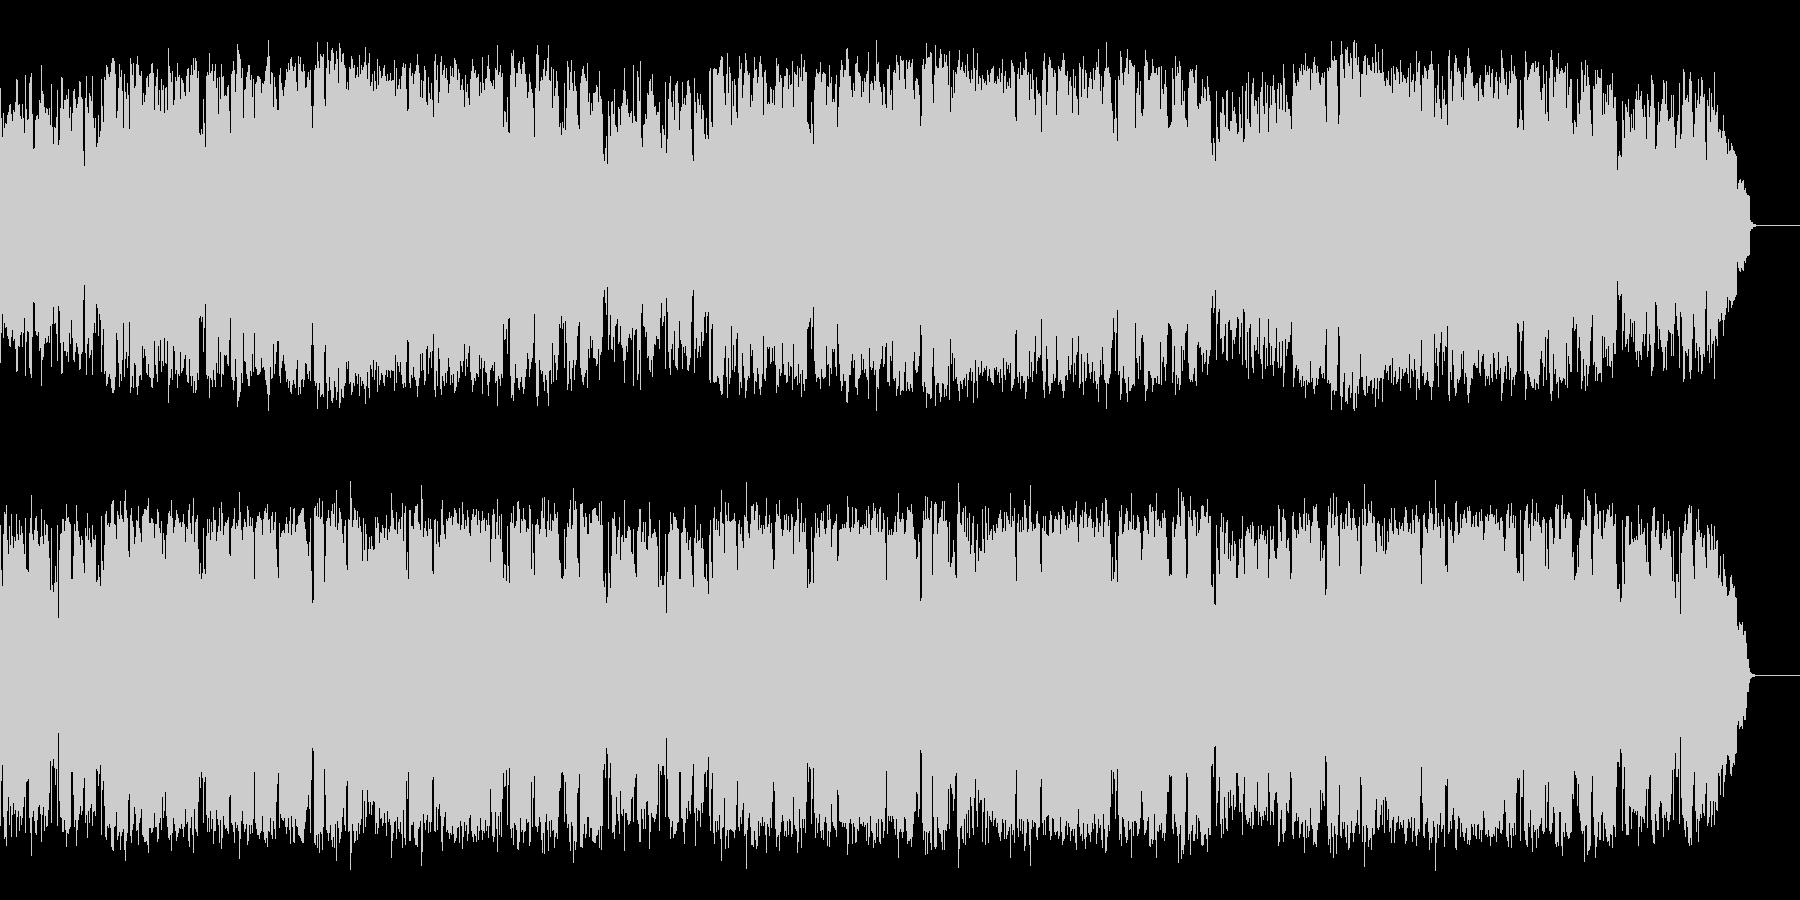 ドラマチックジャズバラードをSAXが演奏の未再生の波形